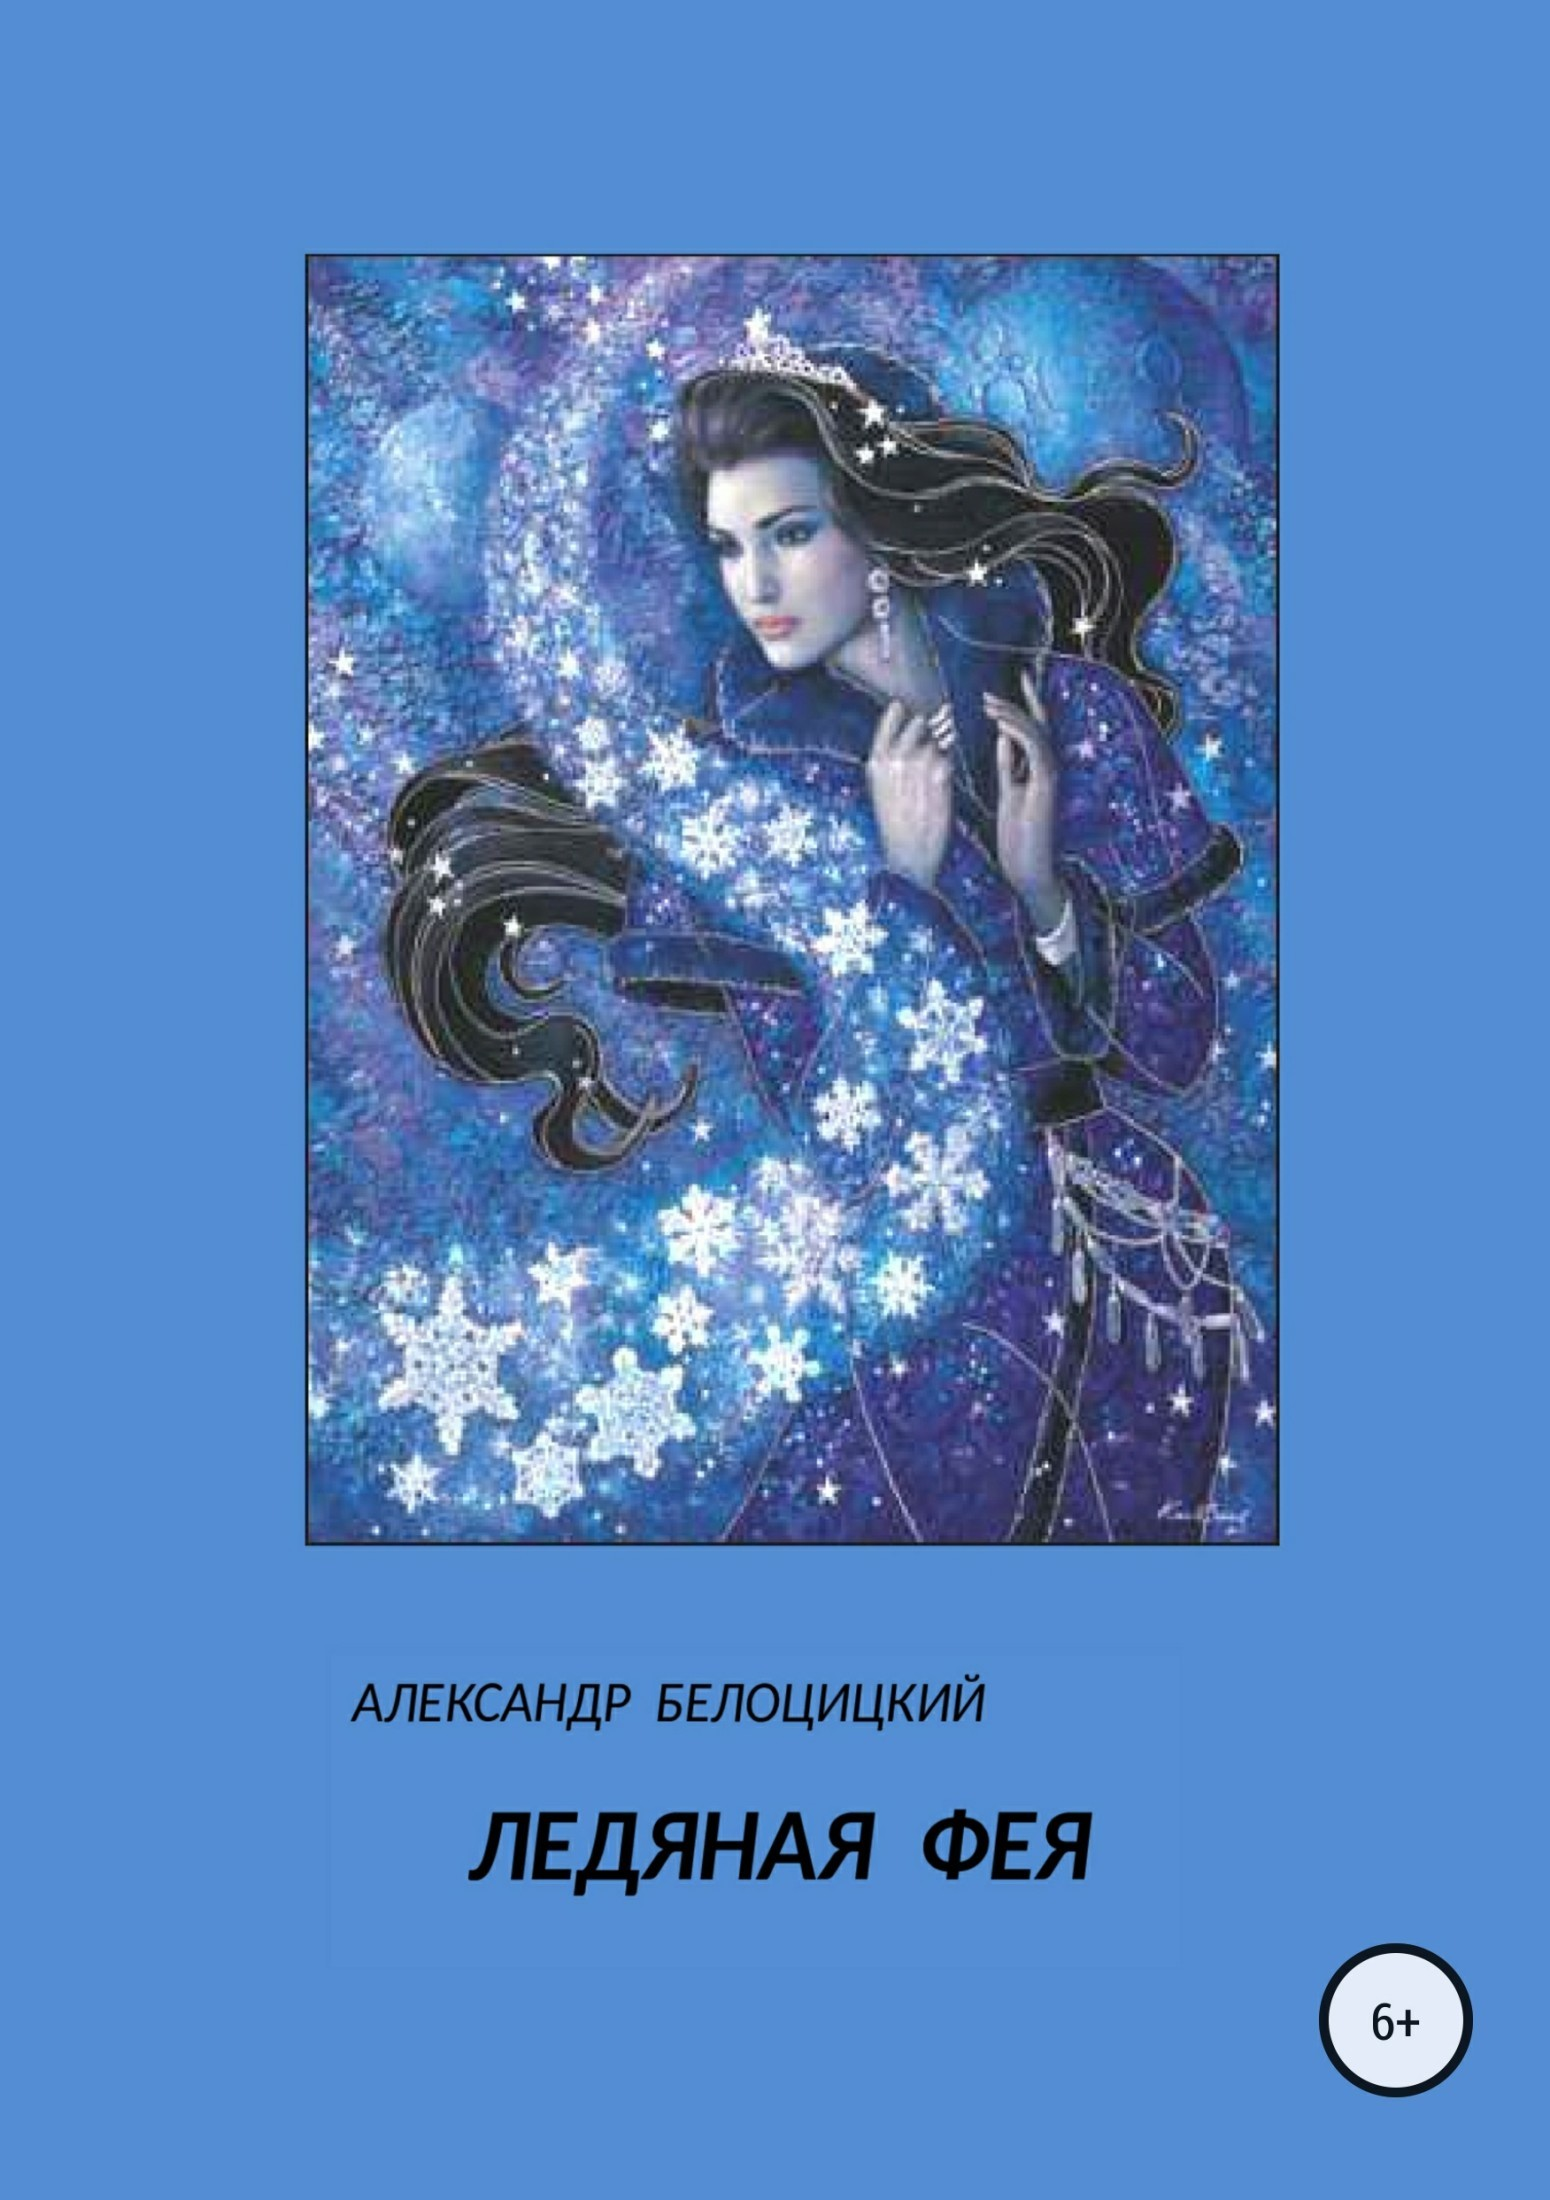 Ледяная фея